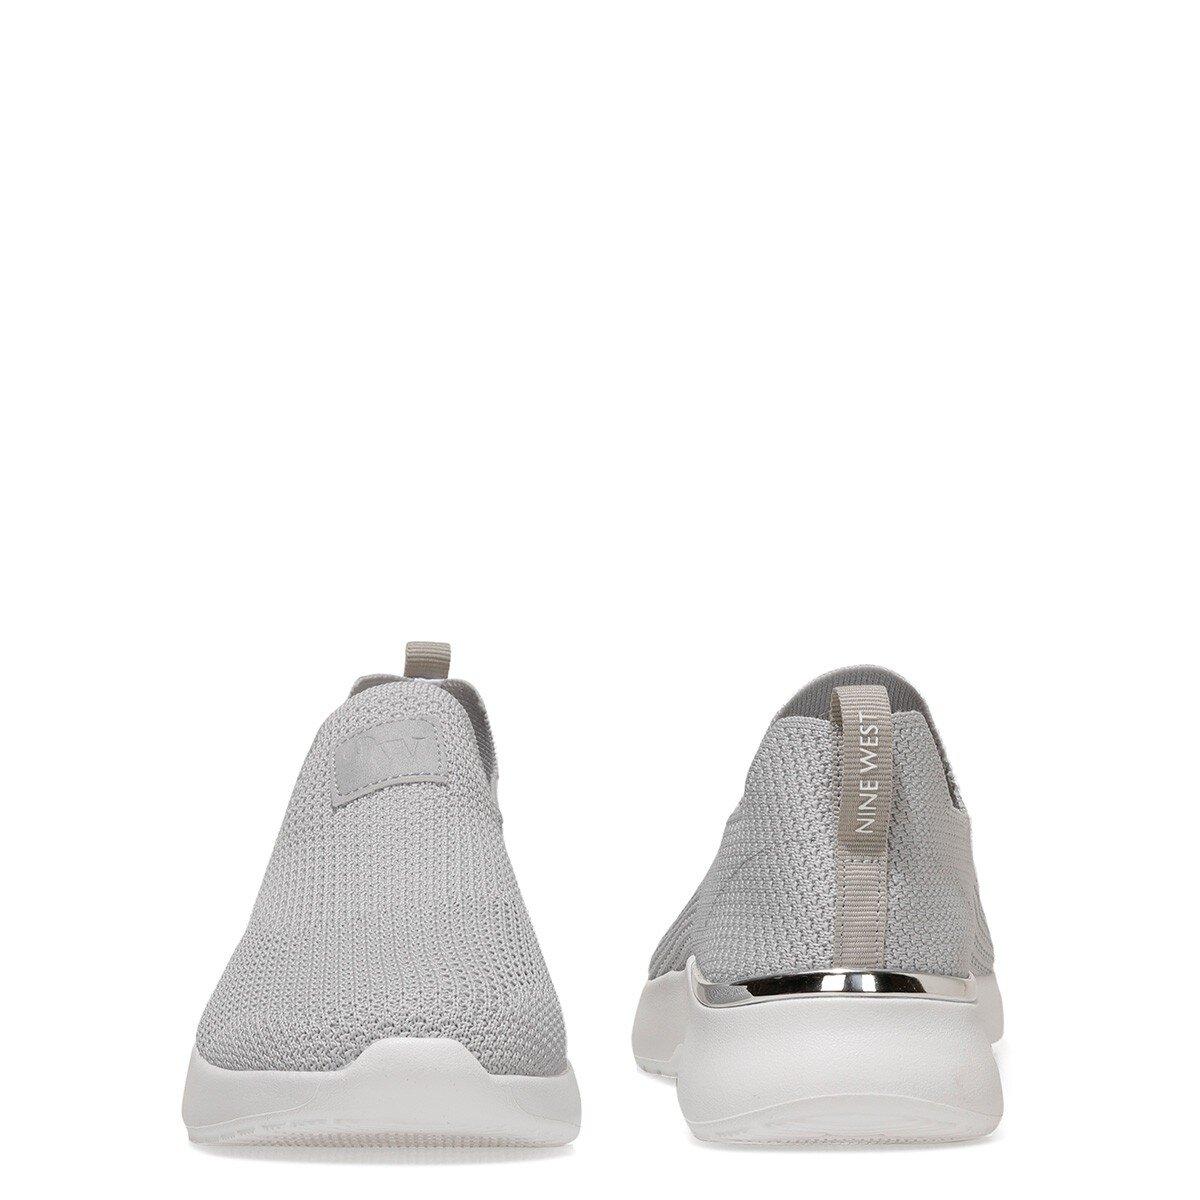 RENEE2 1FX Gri Kadın Slip On Ayakkabı